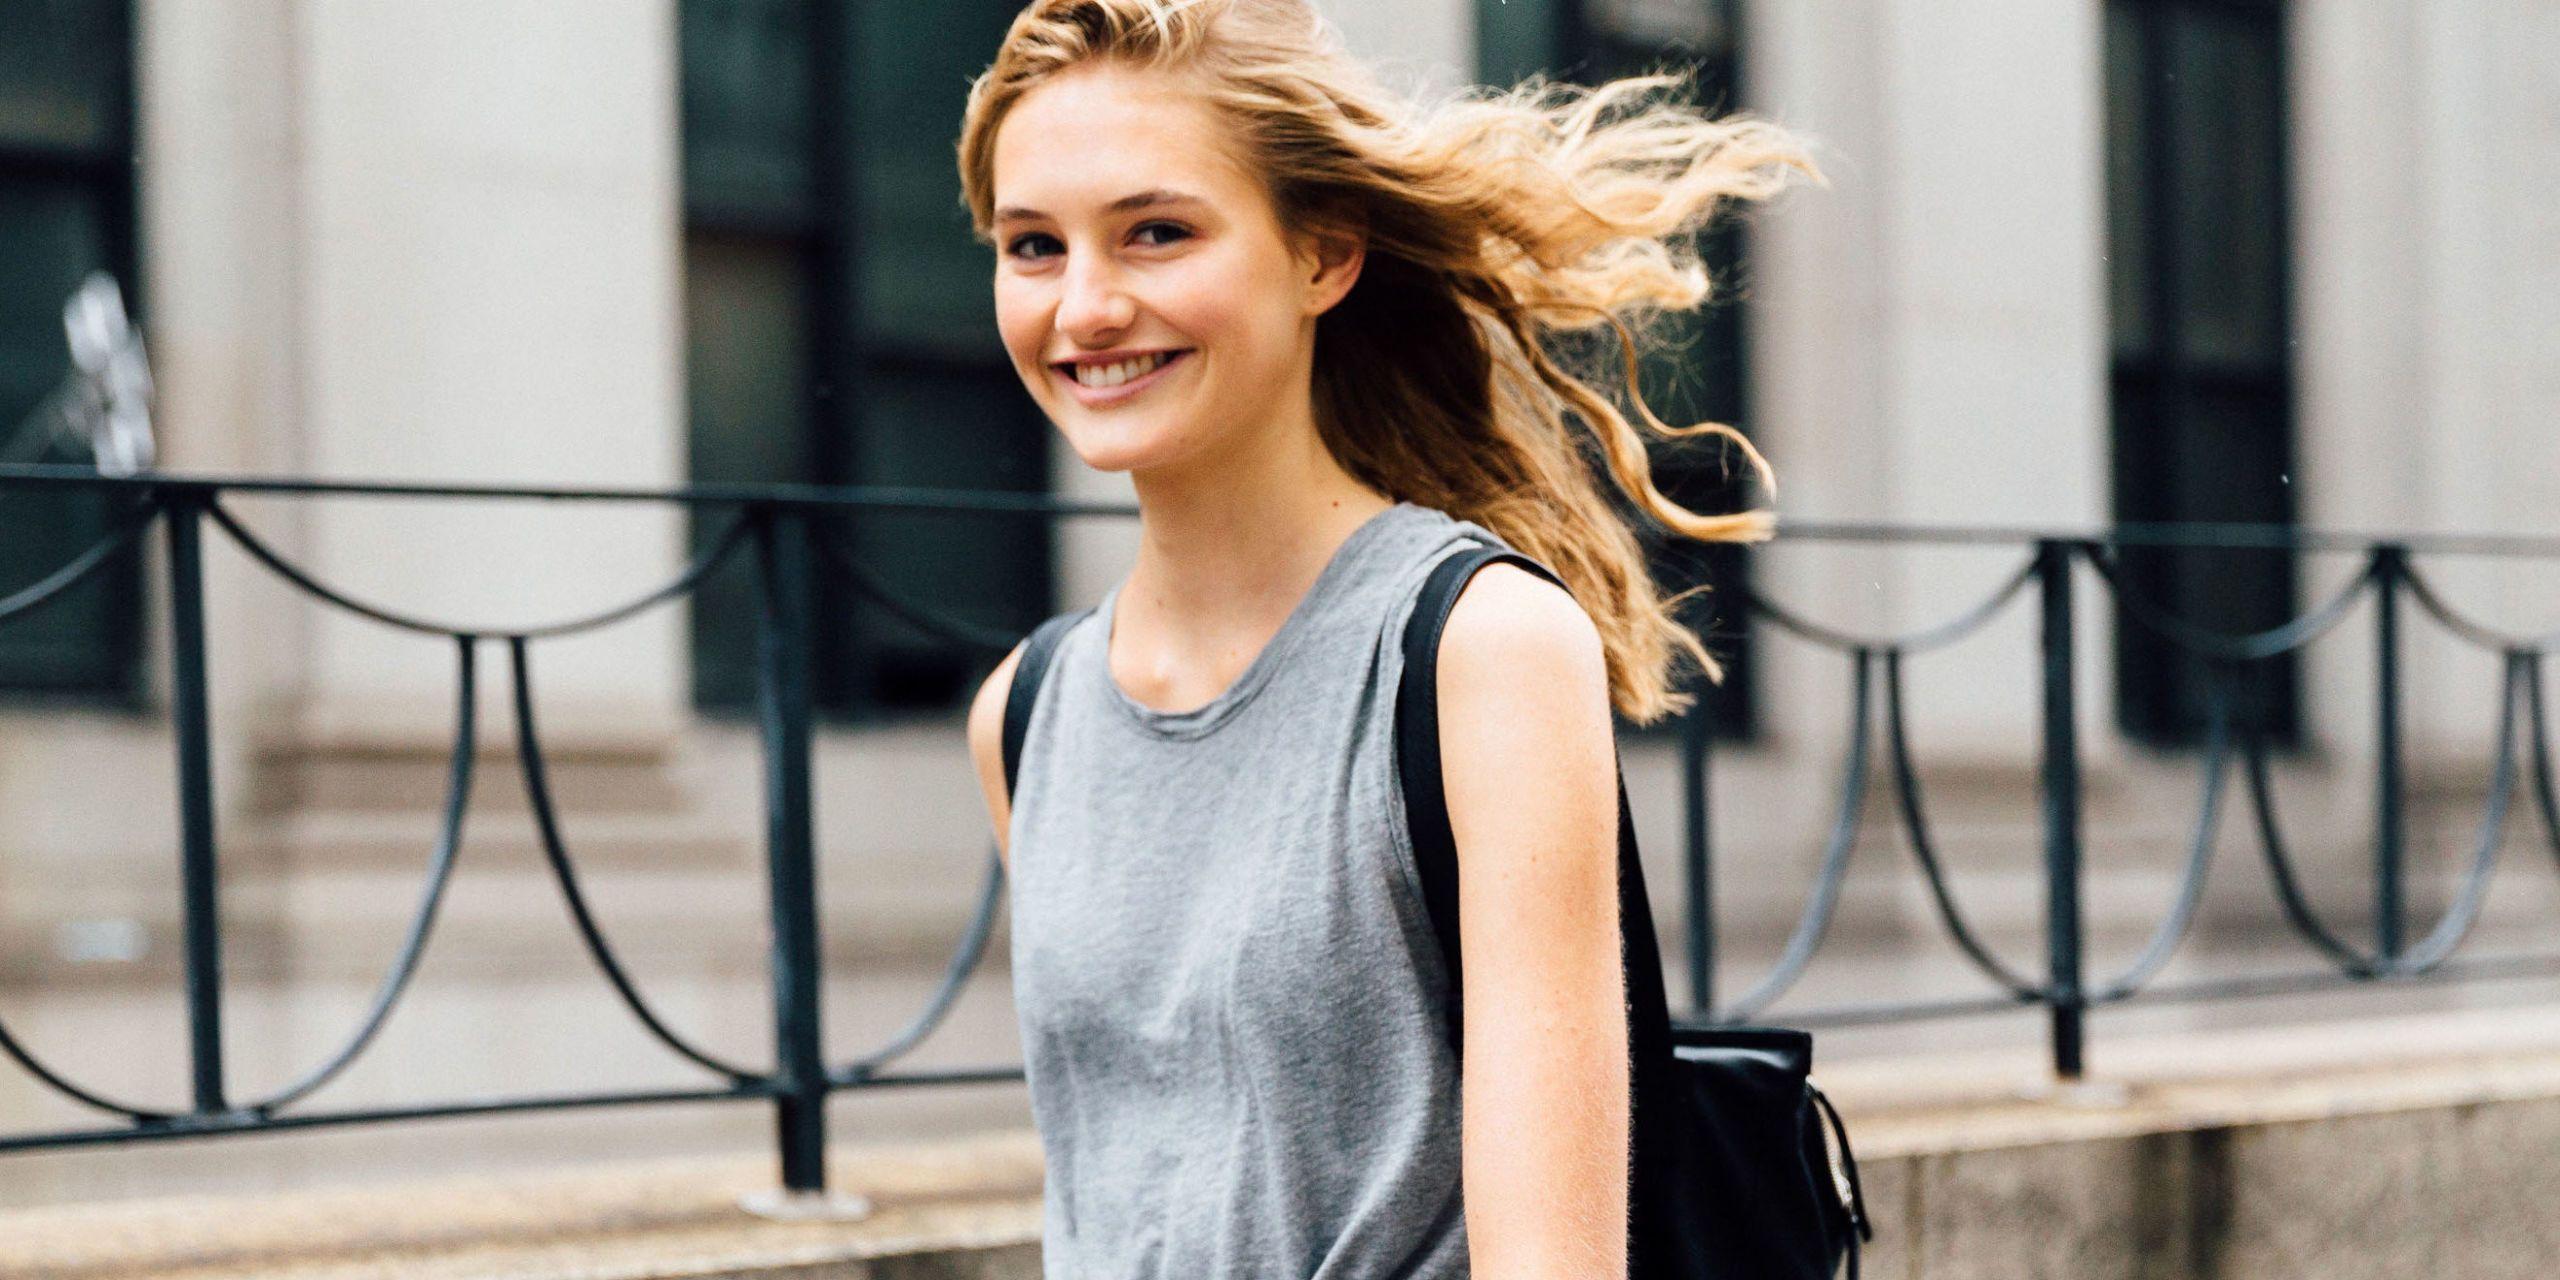 Tagli innovativi per capelli lunghi